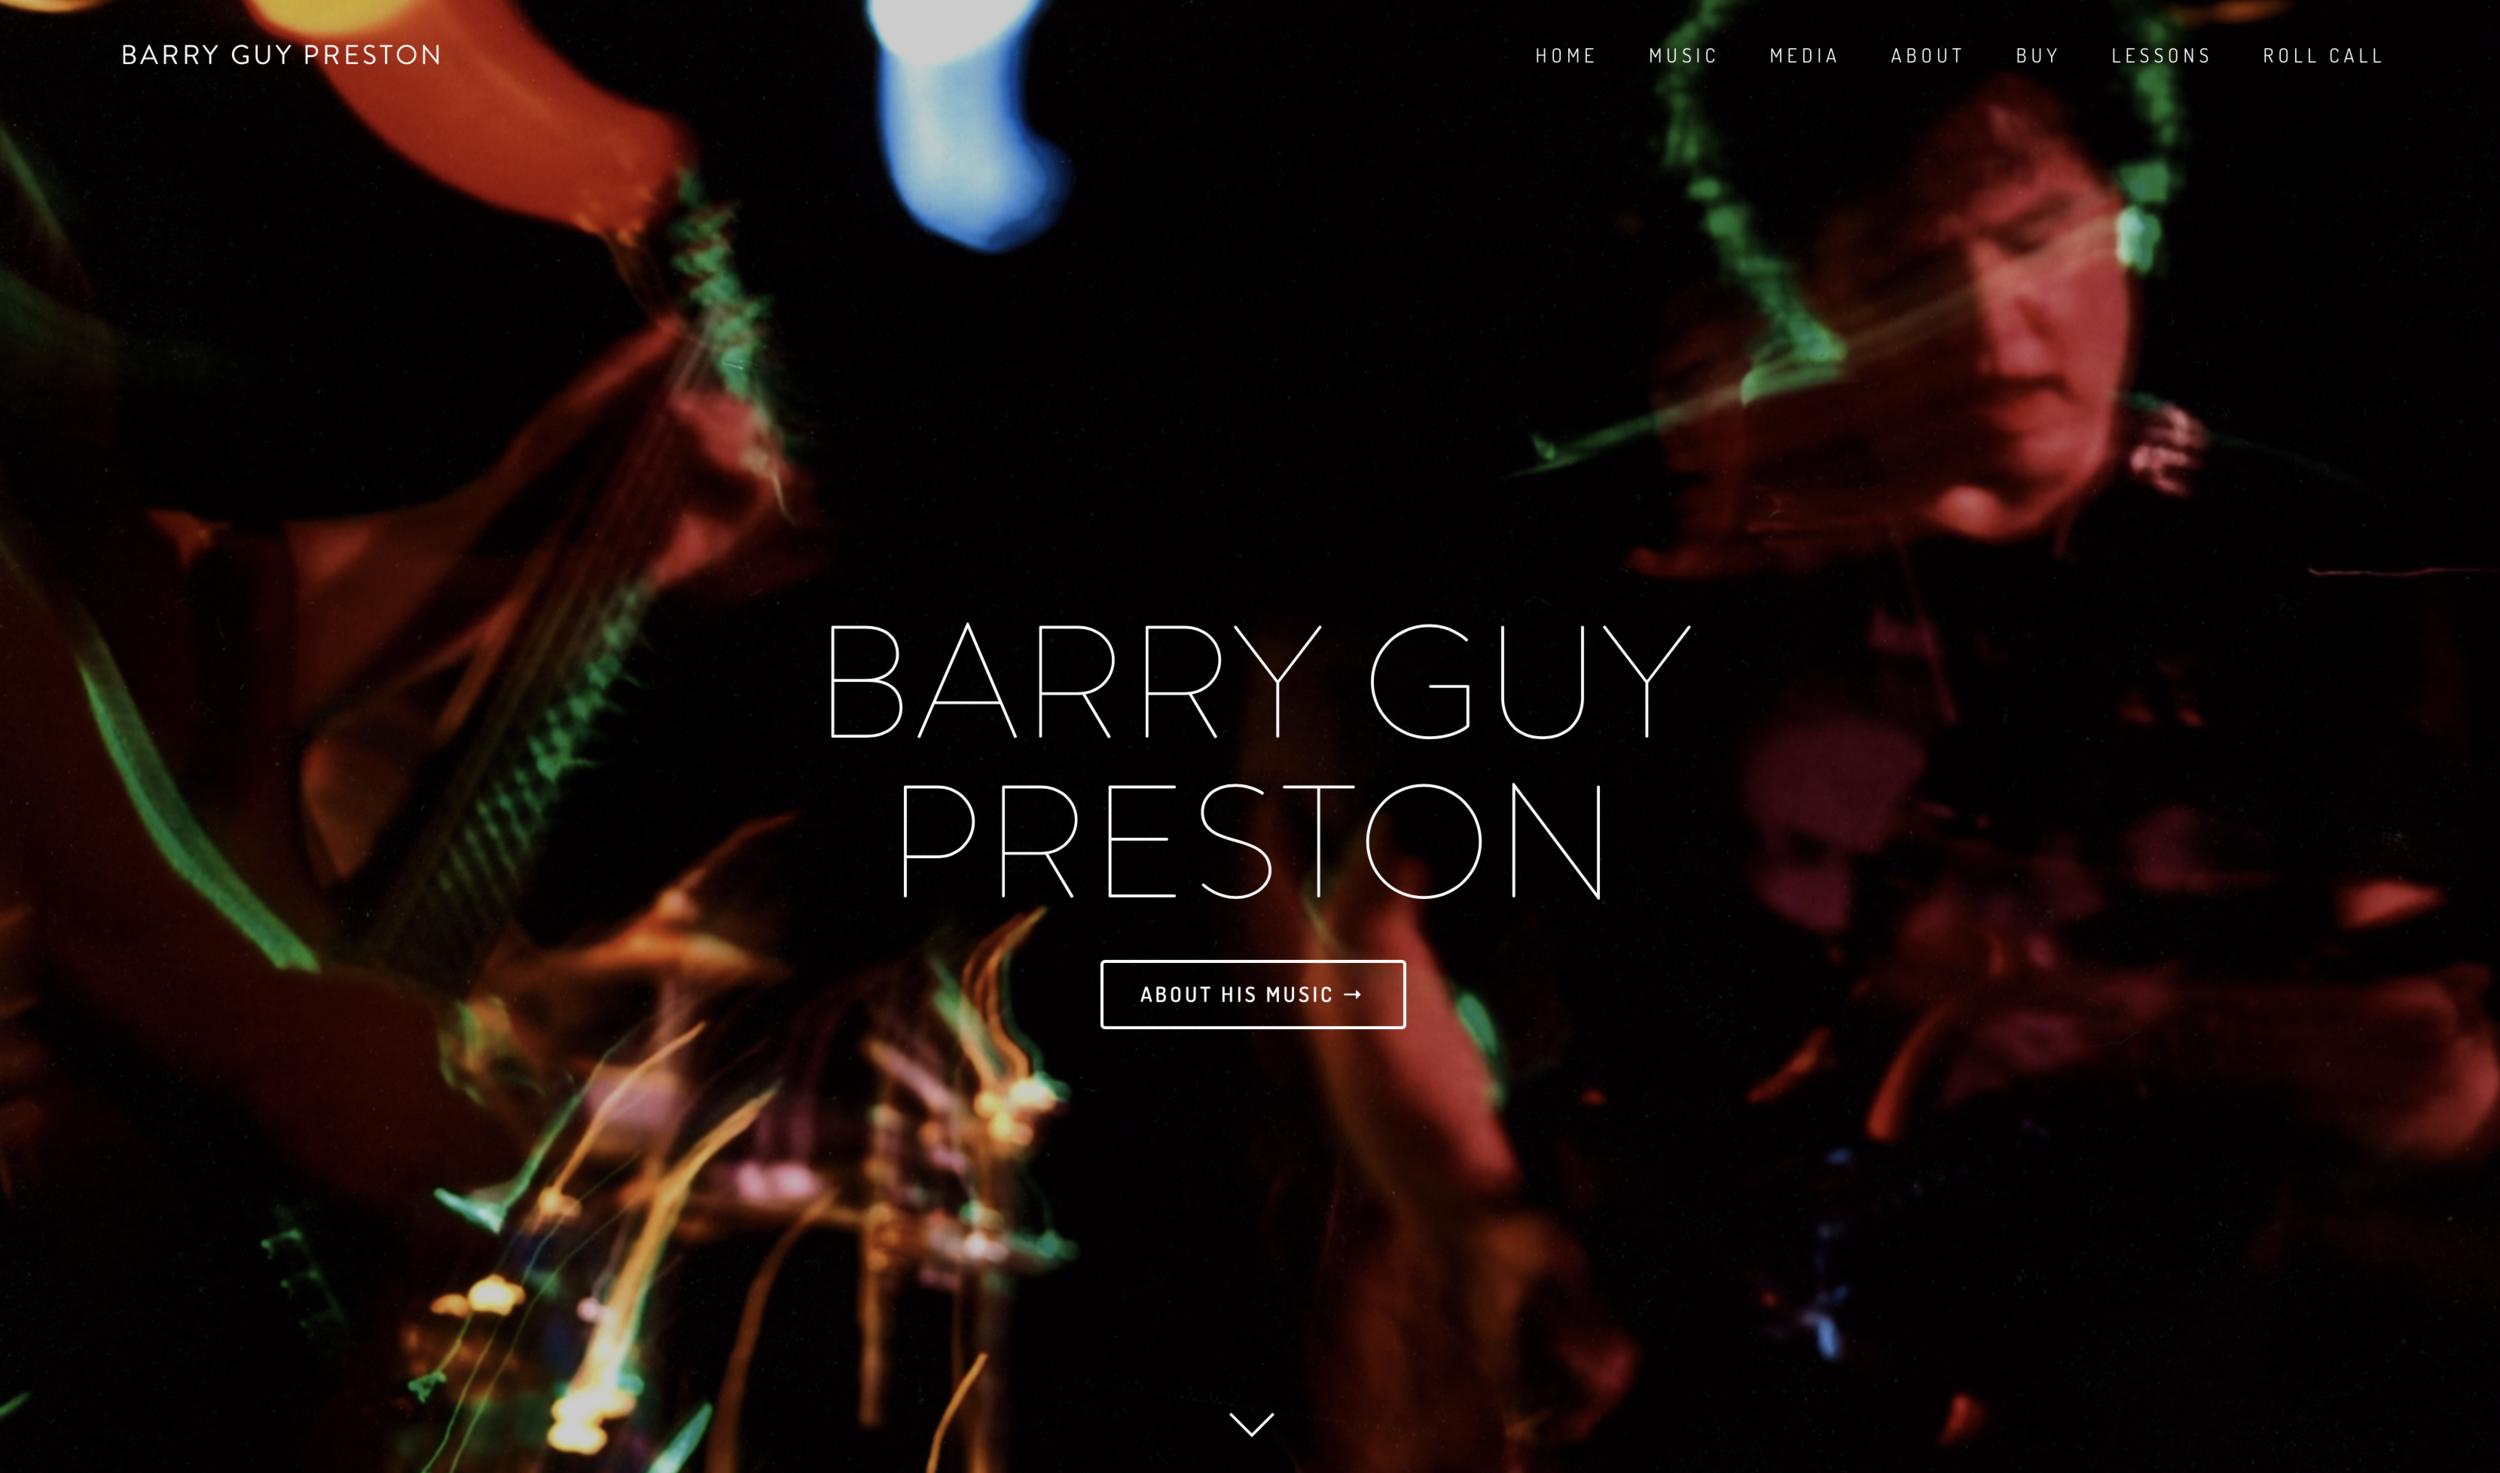 www.barryguypreston.com